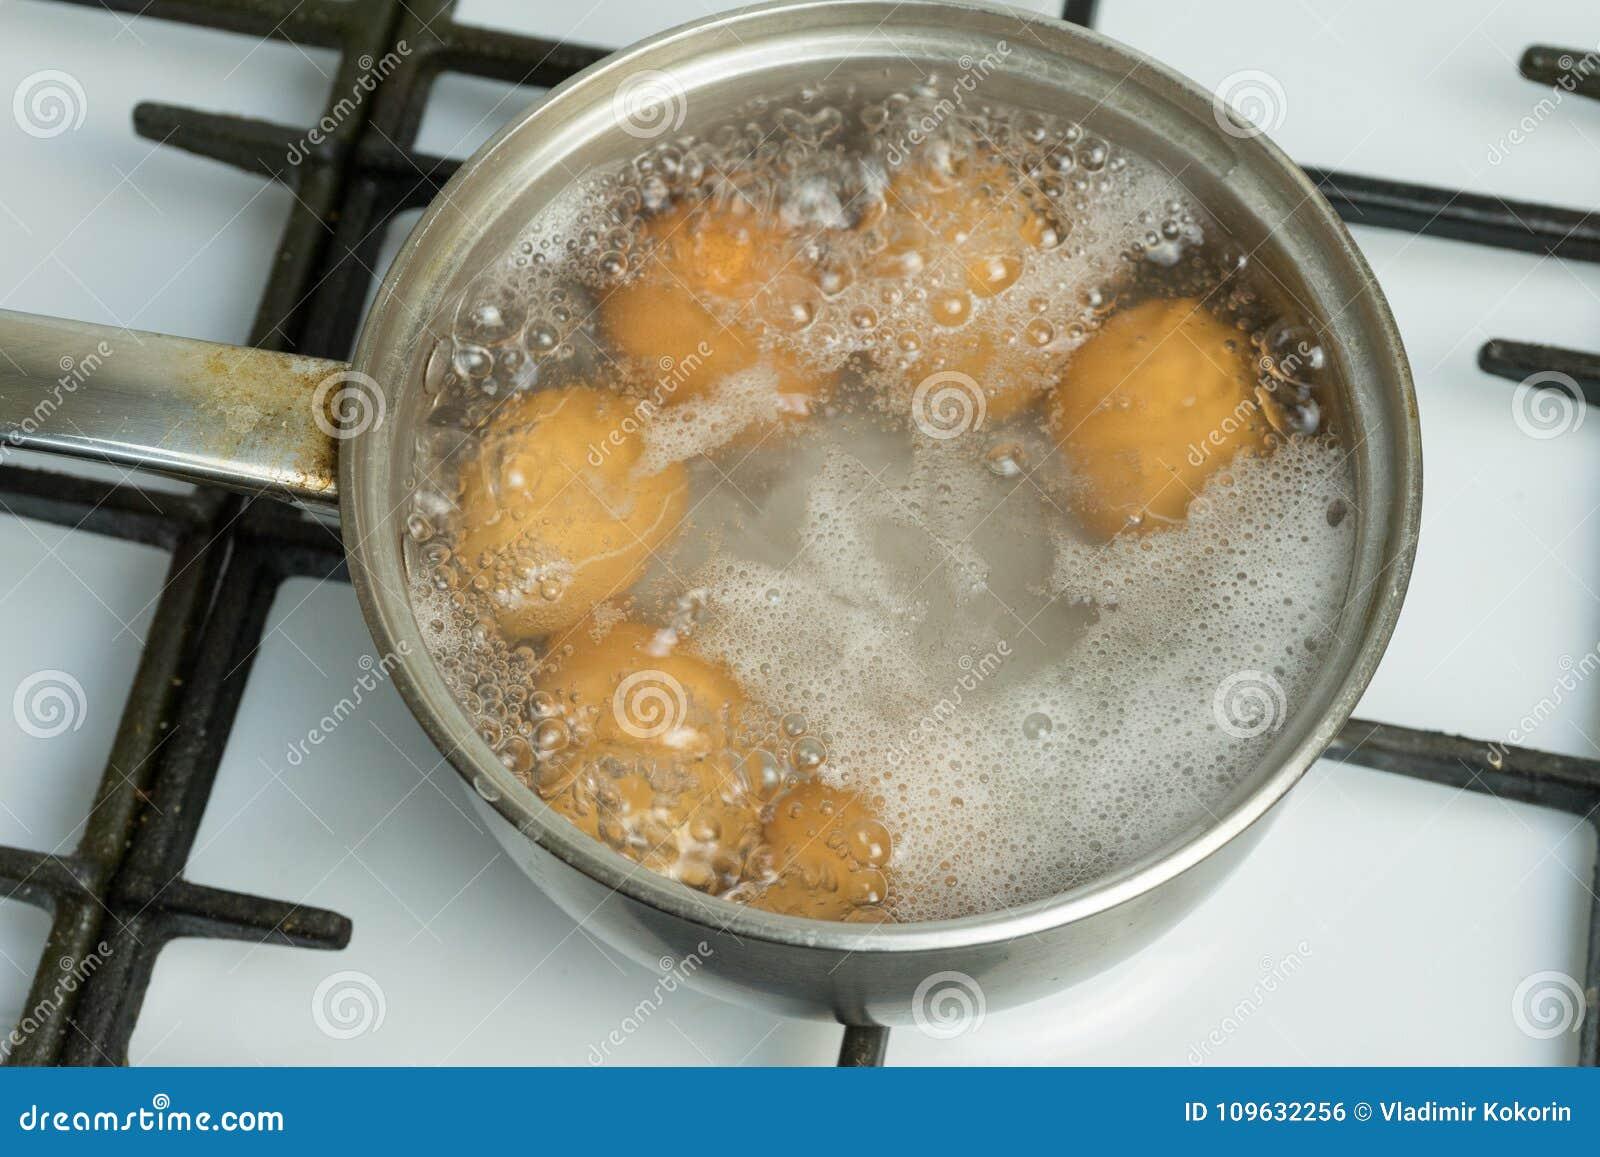 鸡蛋煮沸在水中 有产品的平底锅在煤气炉